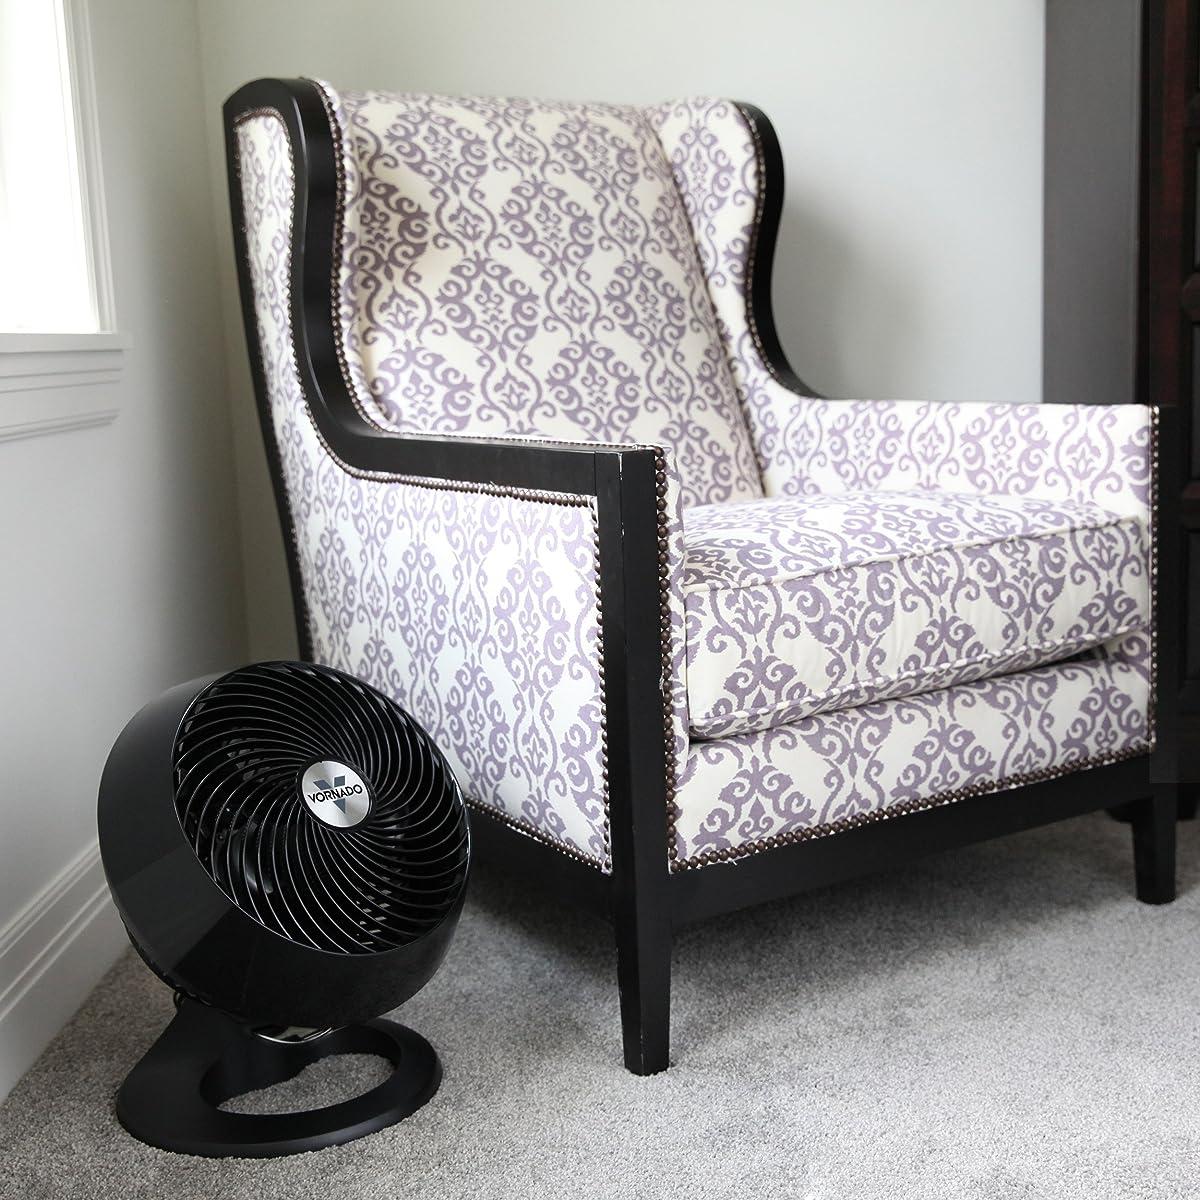 Vornado 660 Whole Room Air Circulator